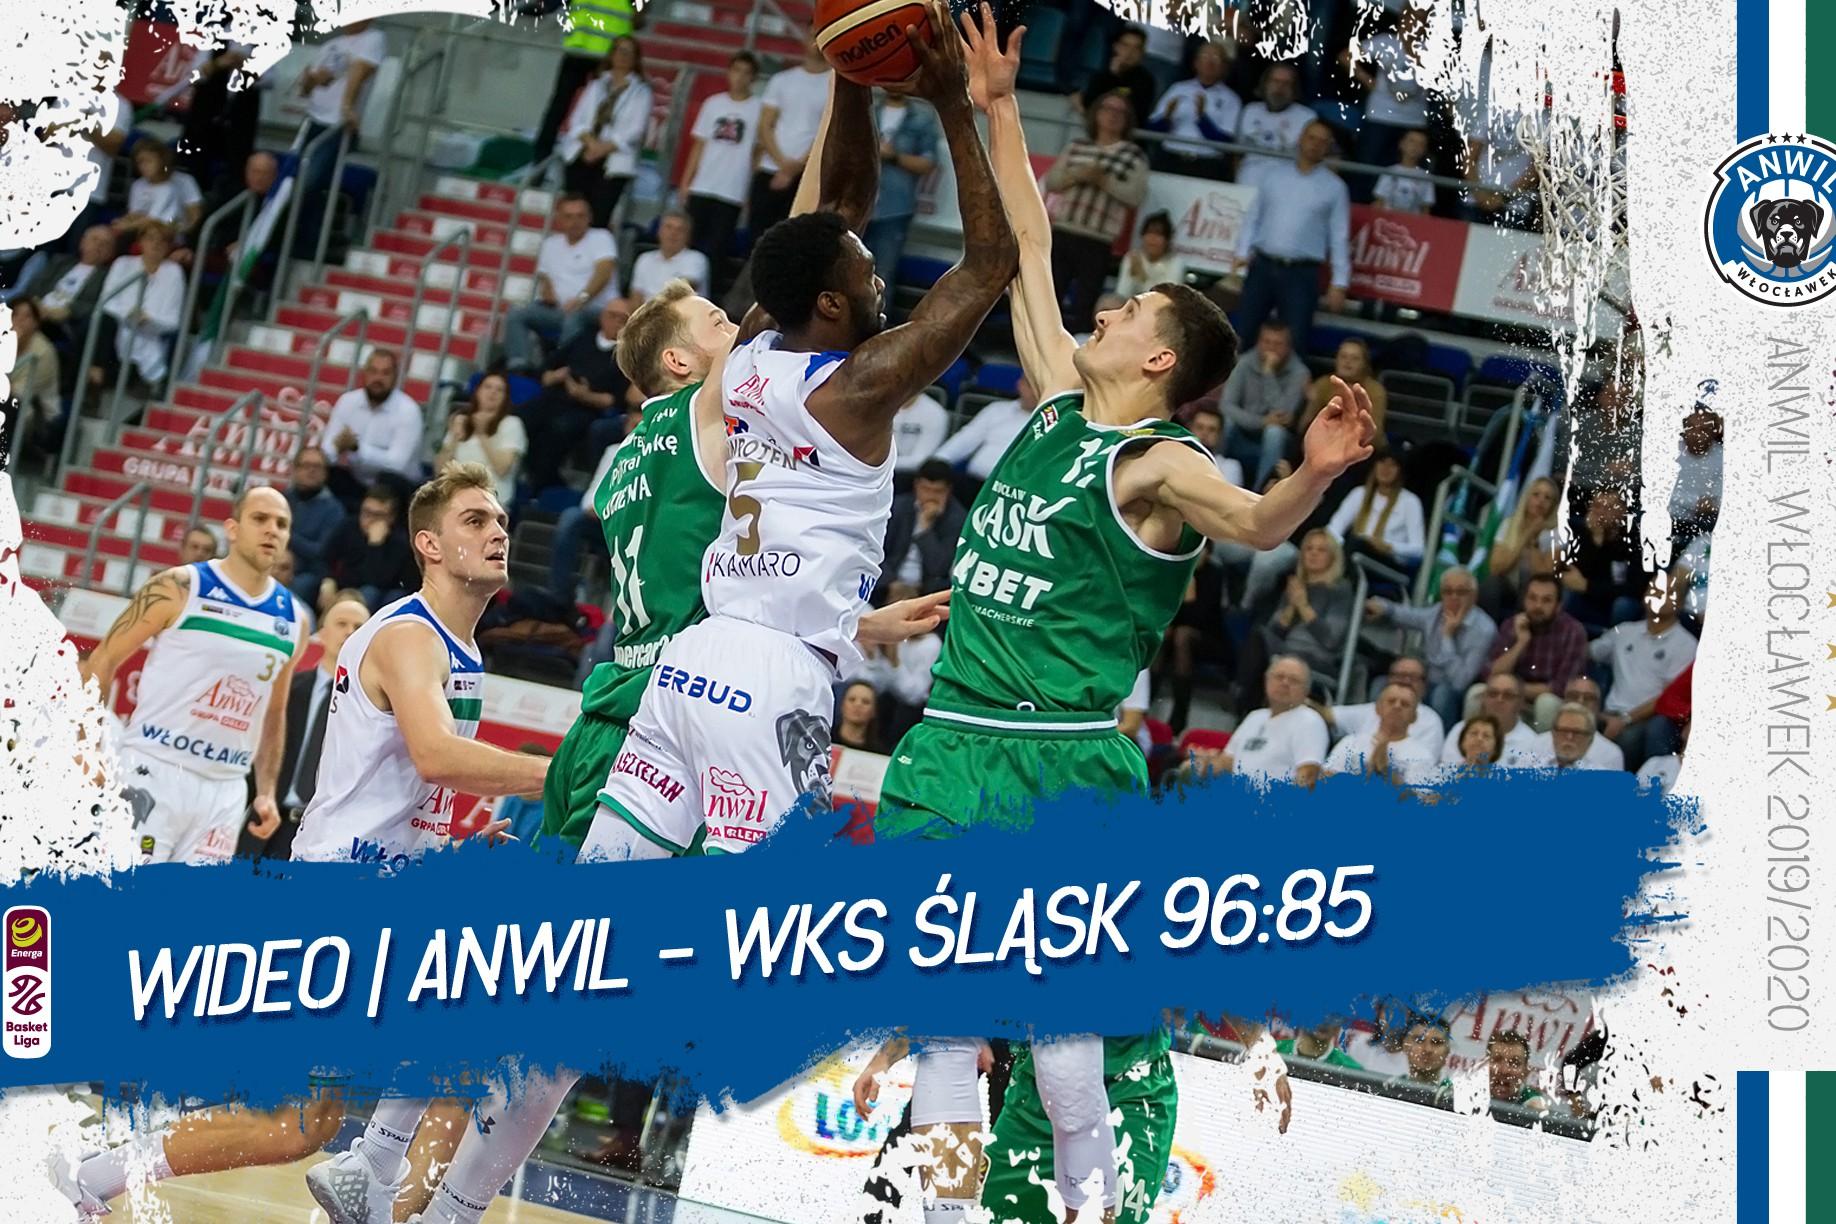 Wideo | Anwil Włocławek - WKS Śląsk Wrocław 96:85